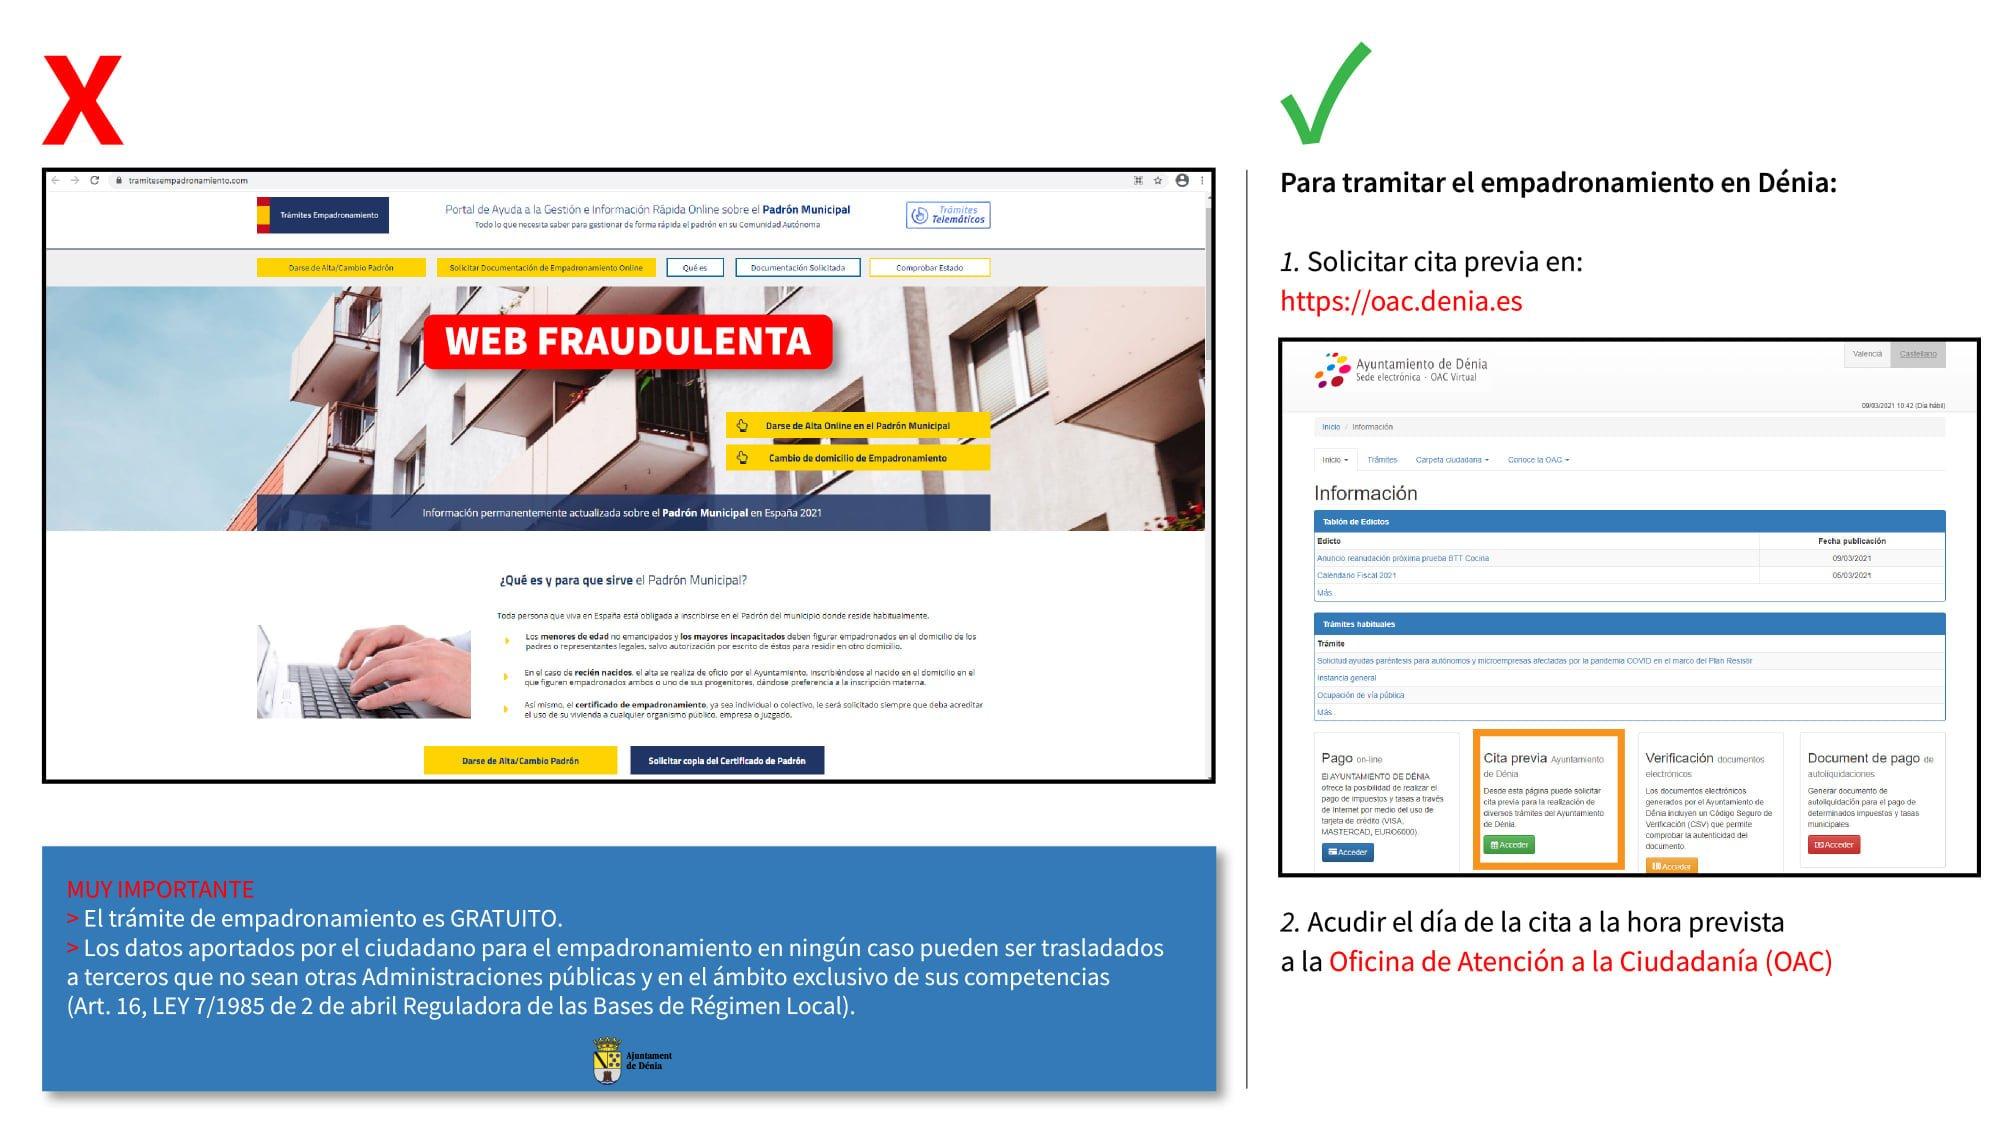 Publicación del Ayuntamiento de Dénia en las redes sociales